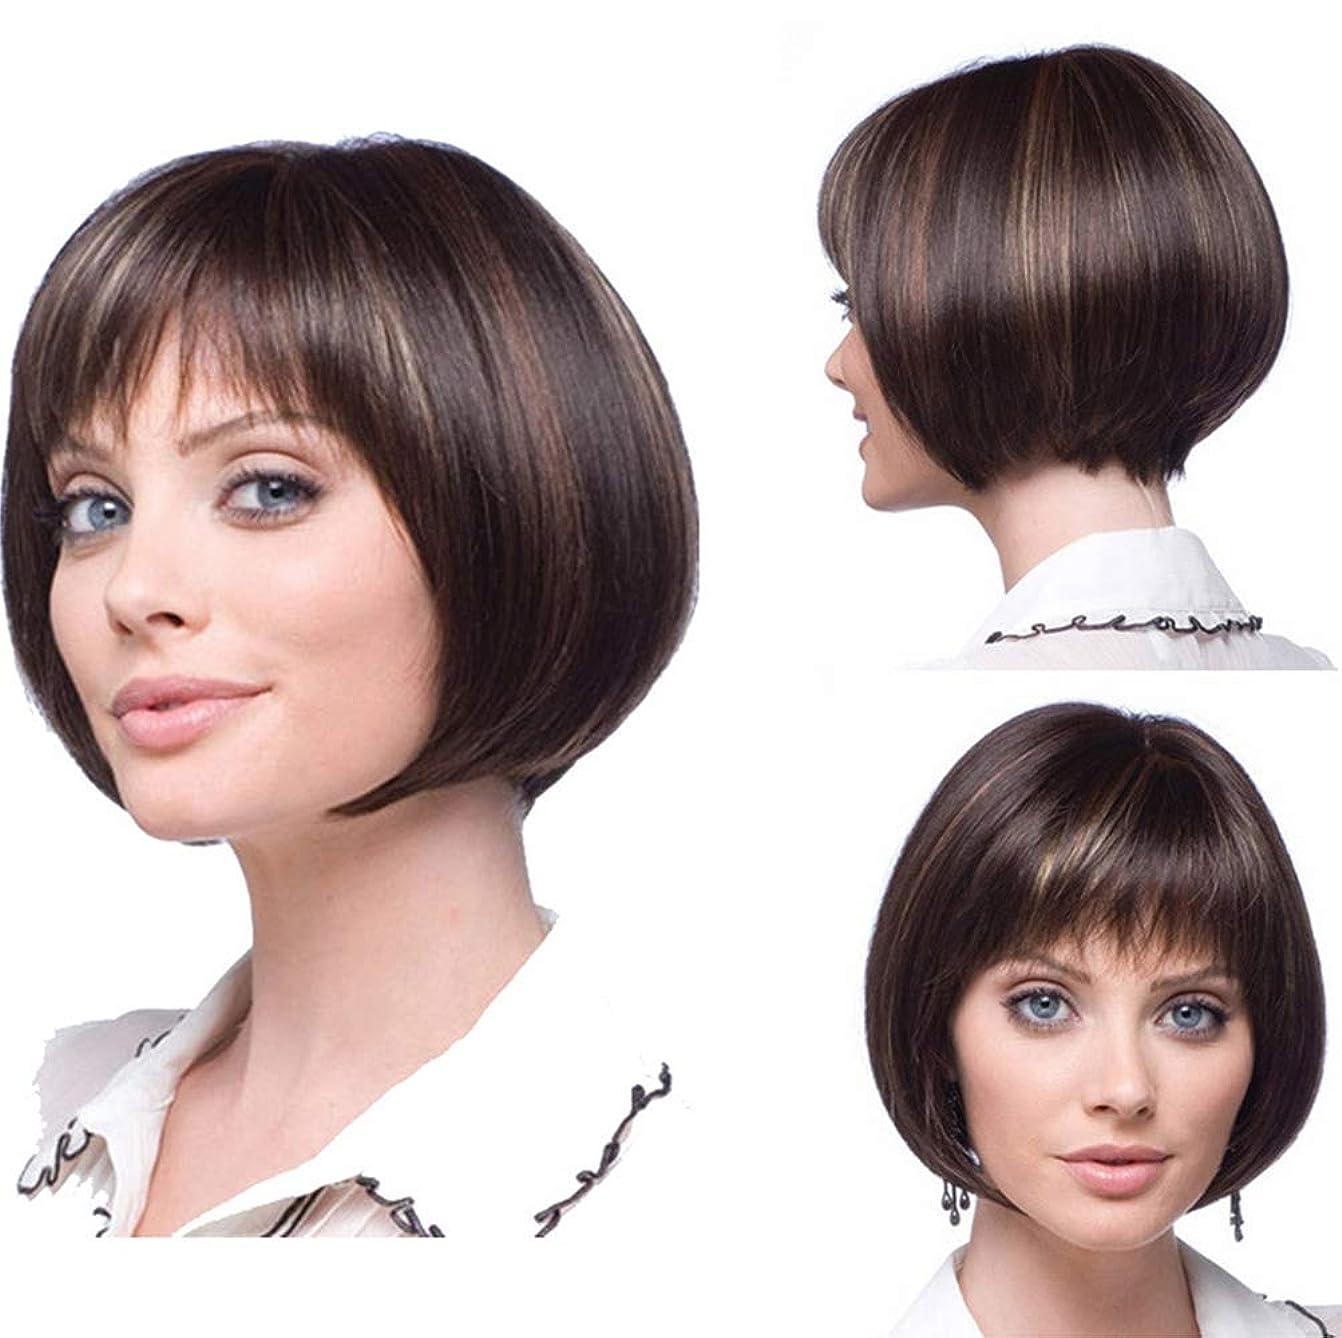 粗いと遊ぶ知っているに立ち寄る女性ブラジルショートヘアウィッグピクシーフリンジカットカットストレートヘア30cm用